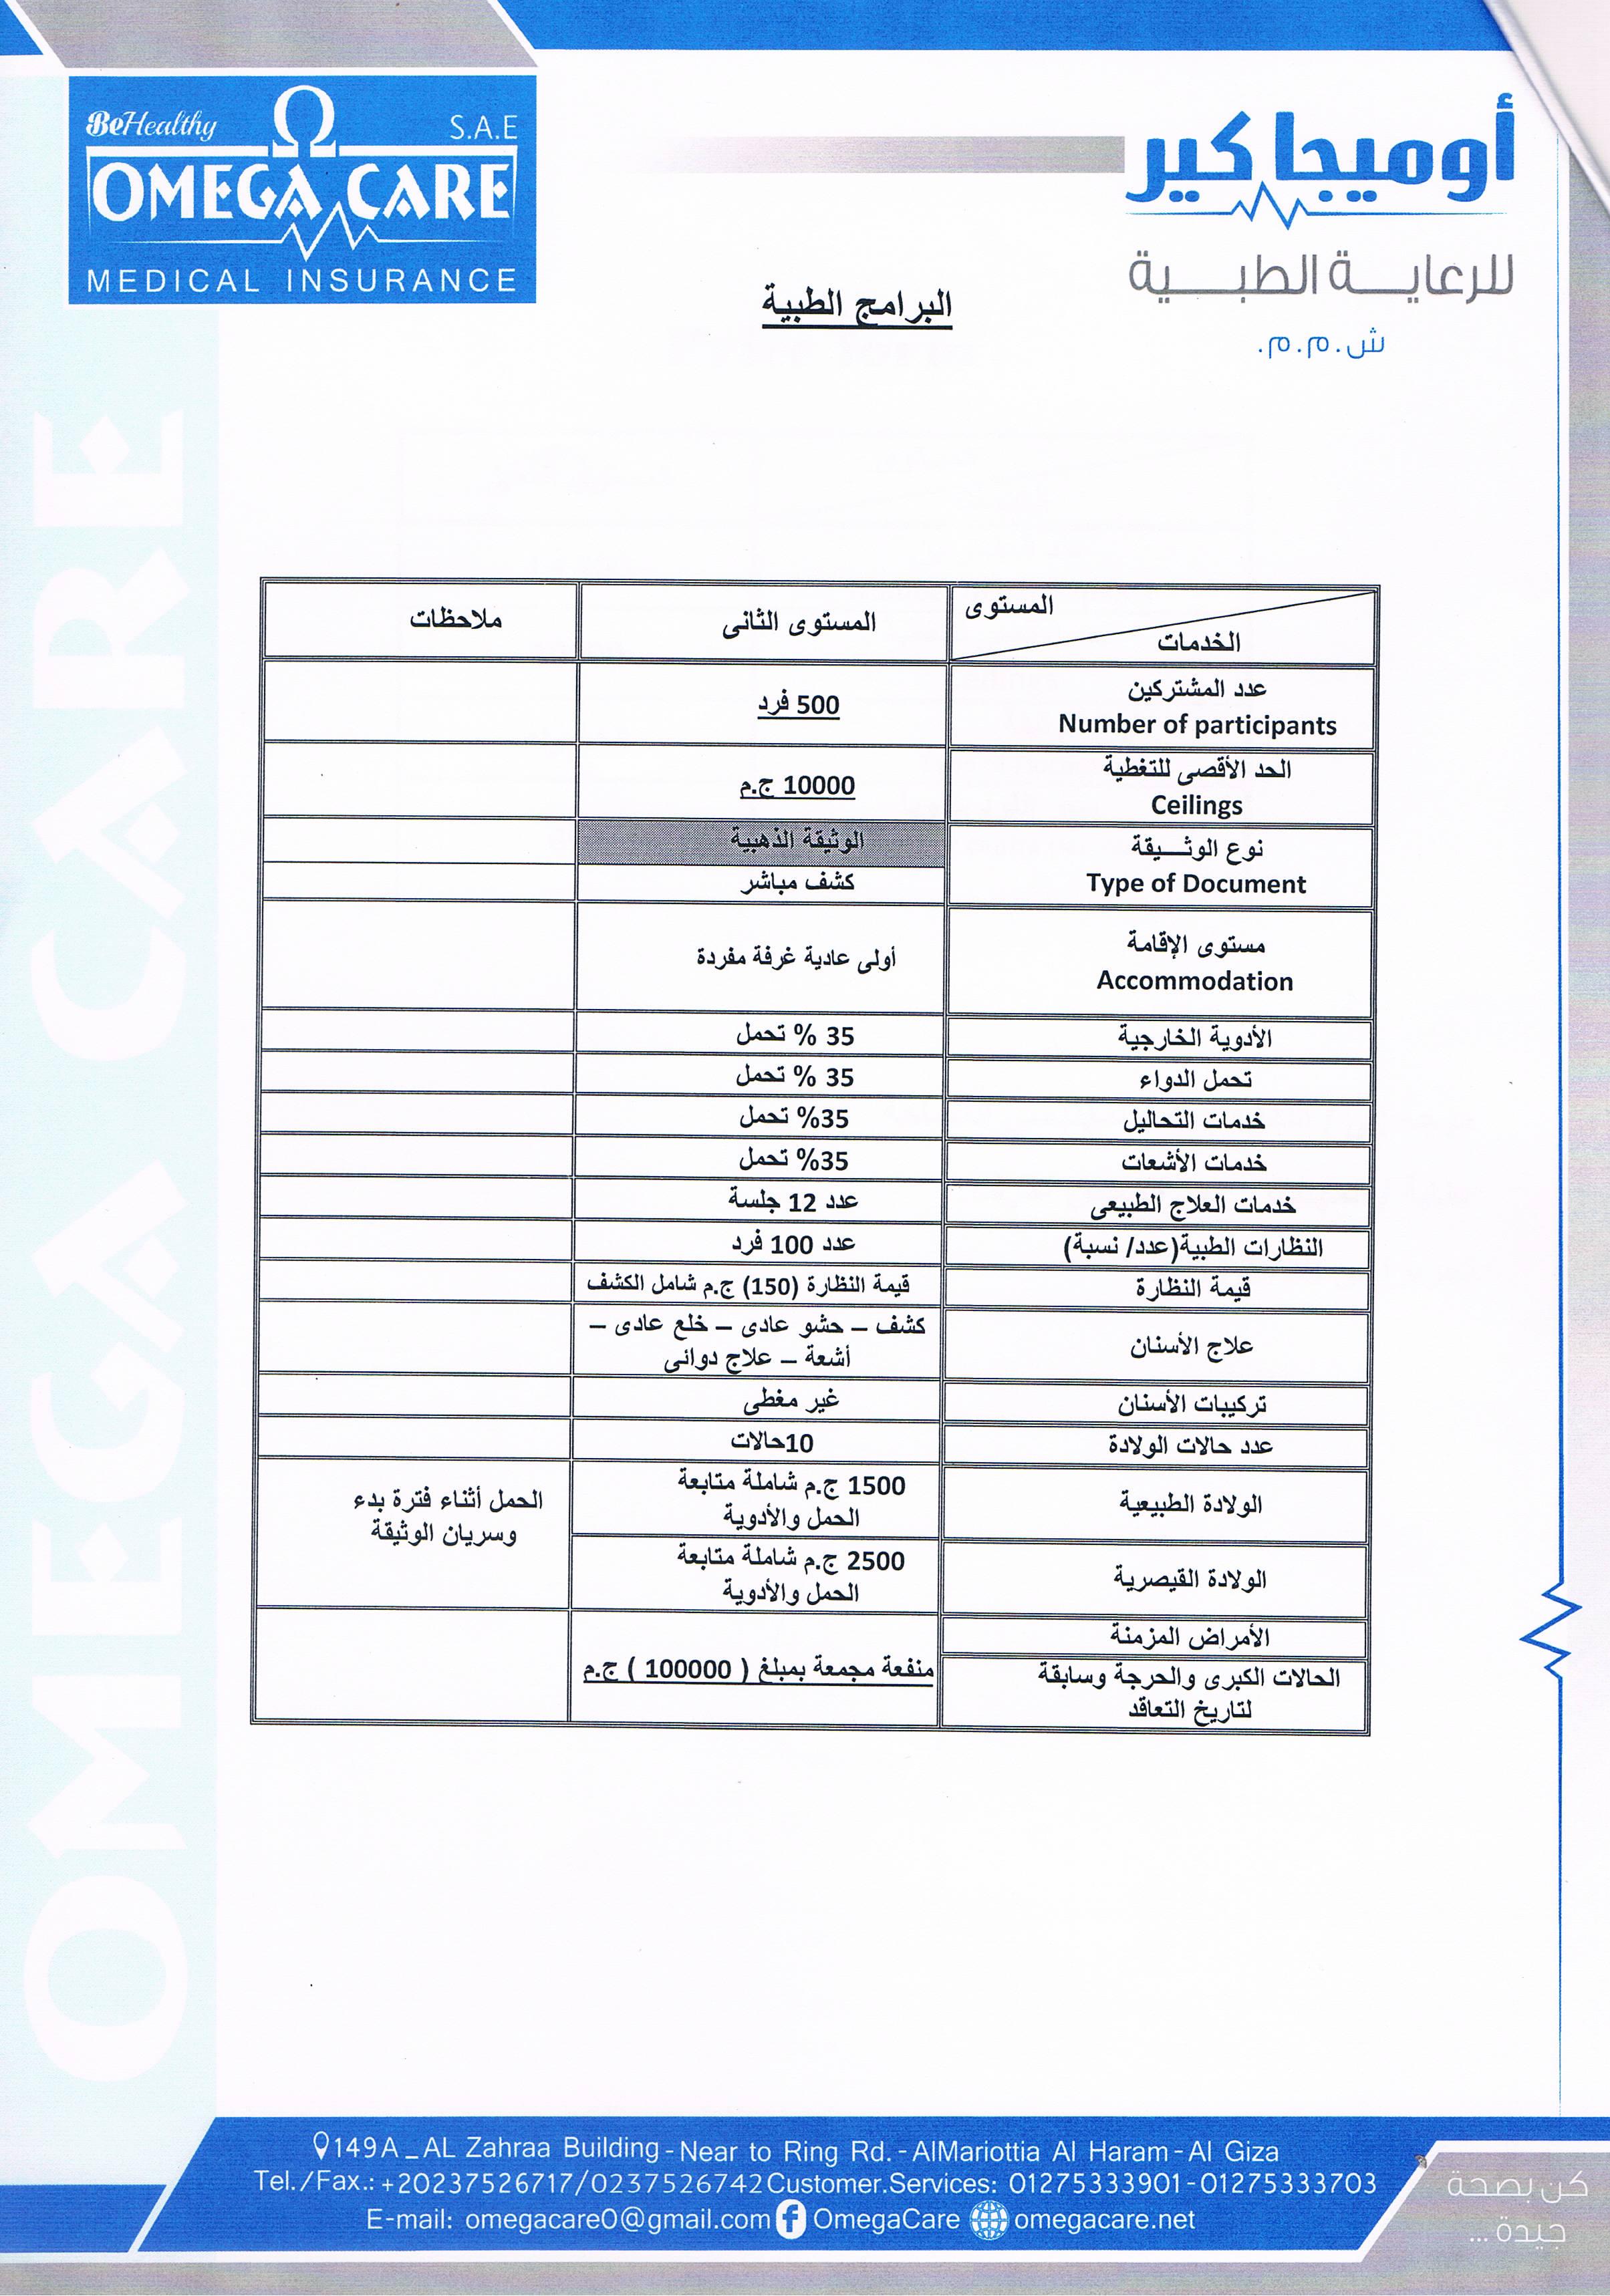 قائمة مستشفيات تأمين العربية